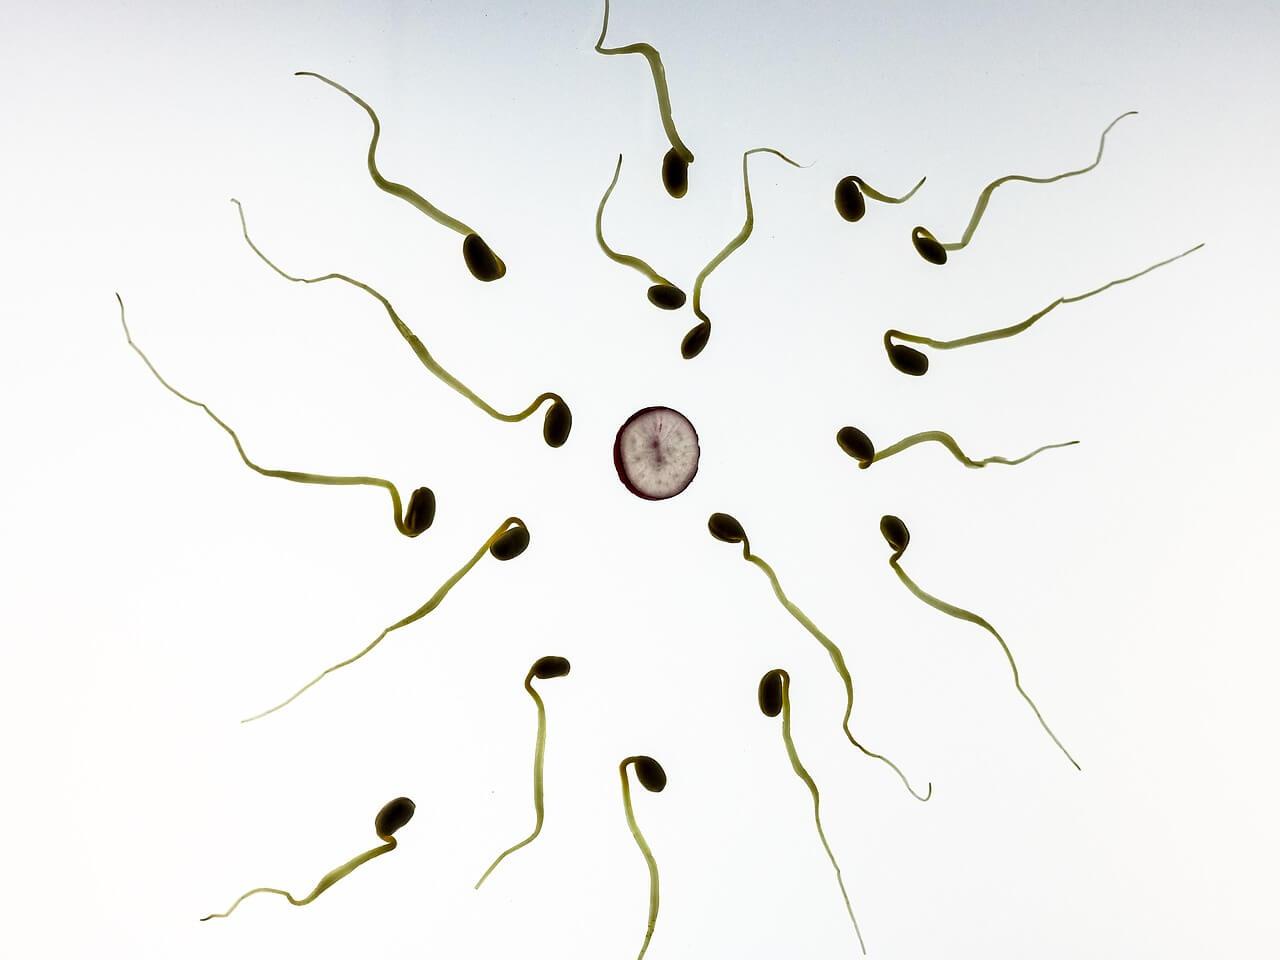 Künstliche Befruchtung: Wann sind die Kosten steuerlich abziehbar?